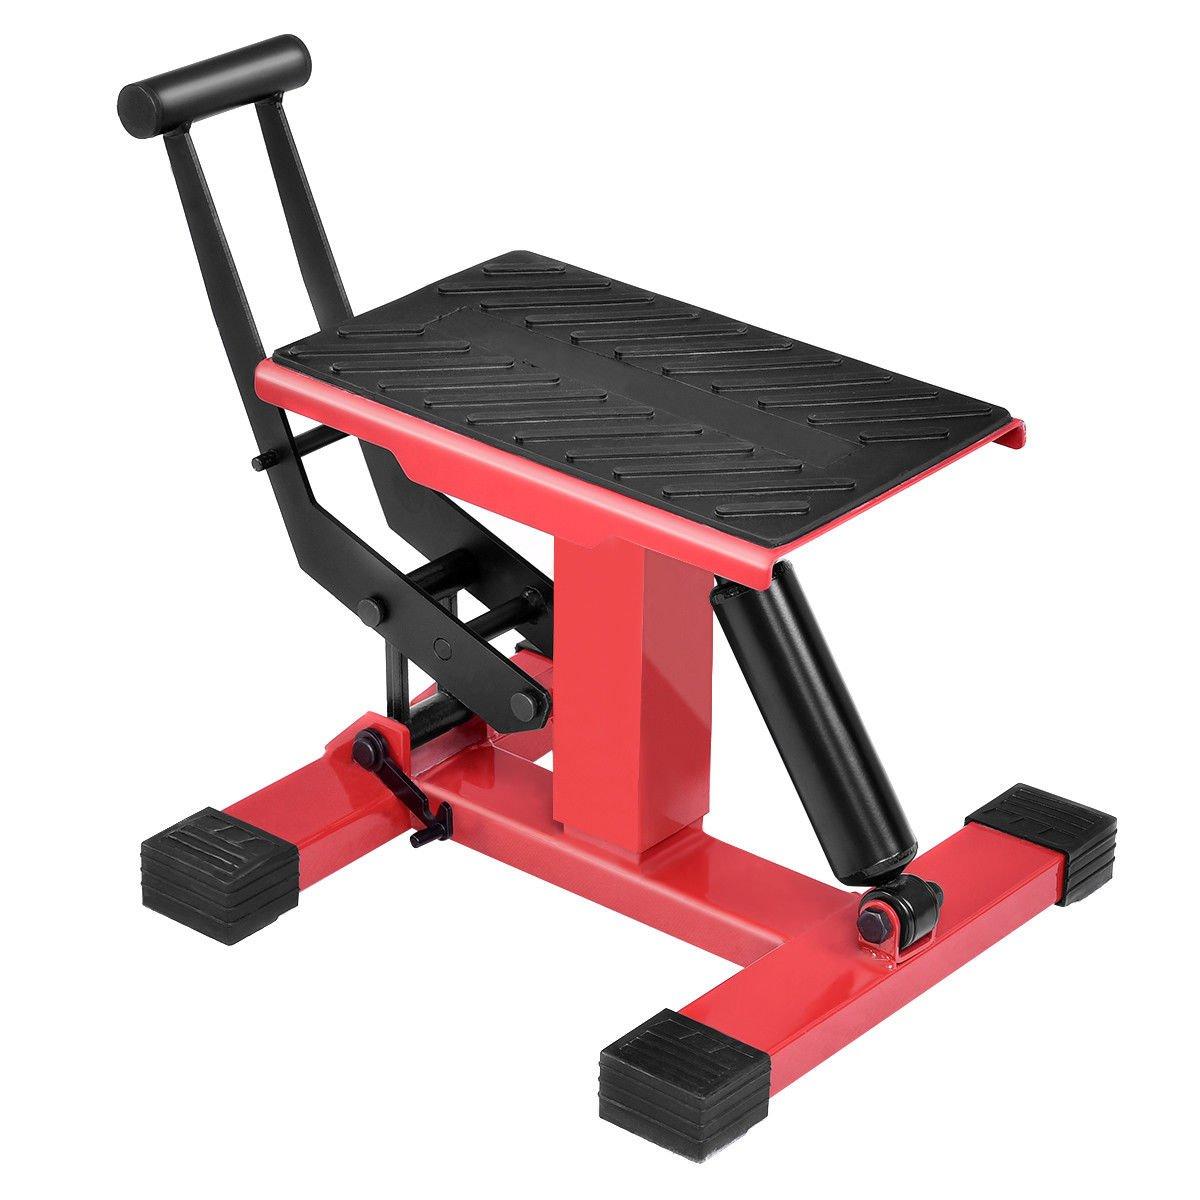 GHP 330-Lbs Black & Red Steel Height Adjustable Anti-Slip Motorcycle Bike Lift Table